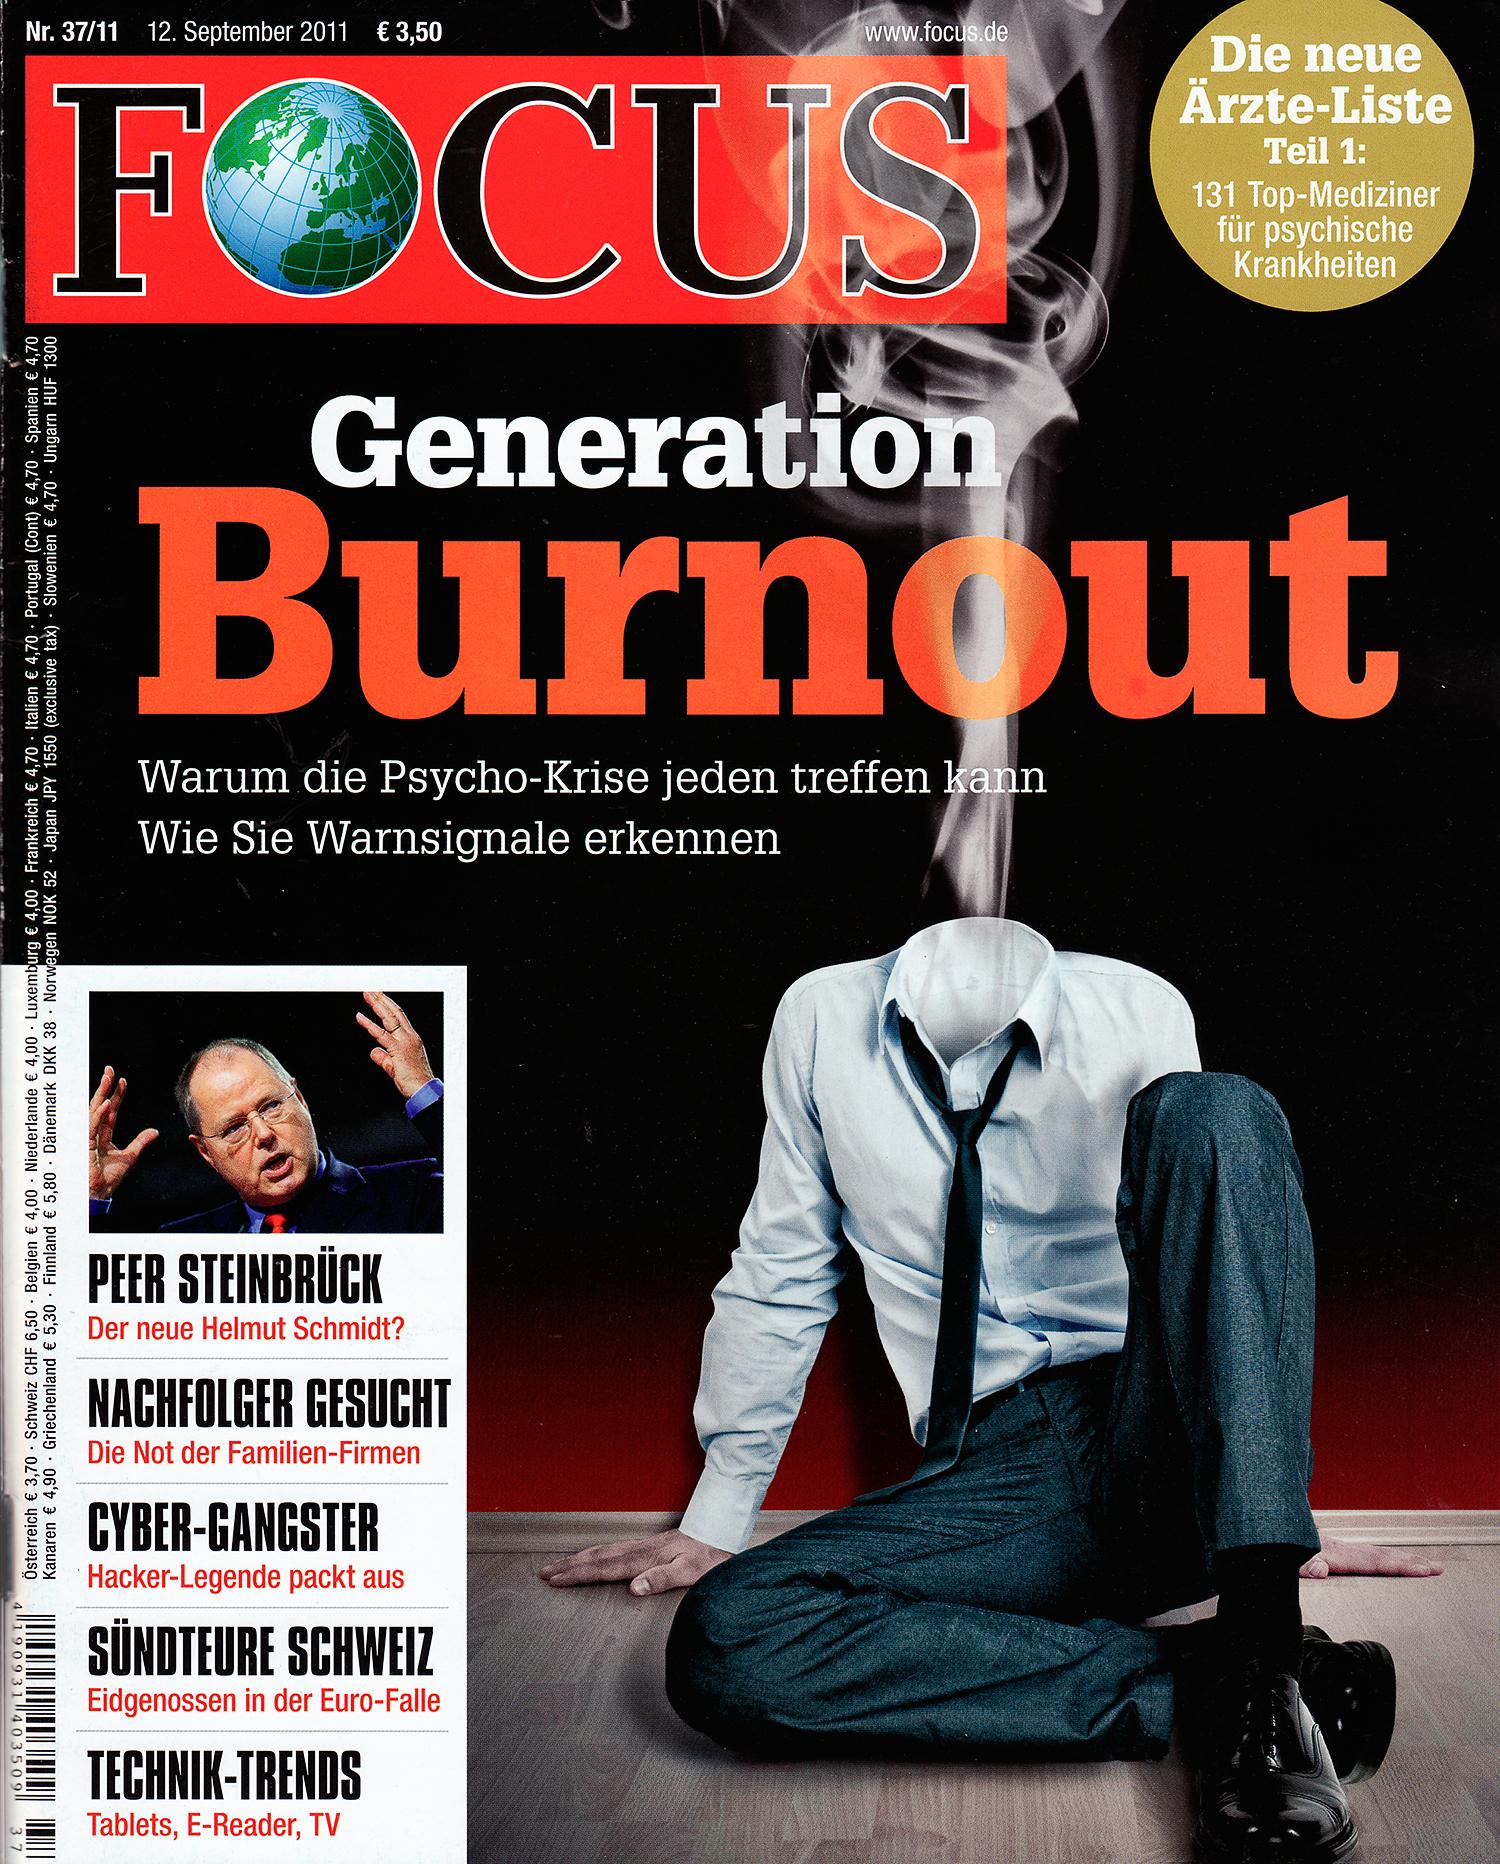 2011-09_FOCUS-Cover_A4-300dpi.jpg